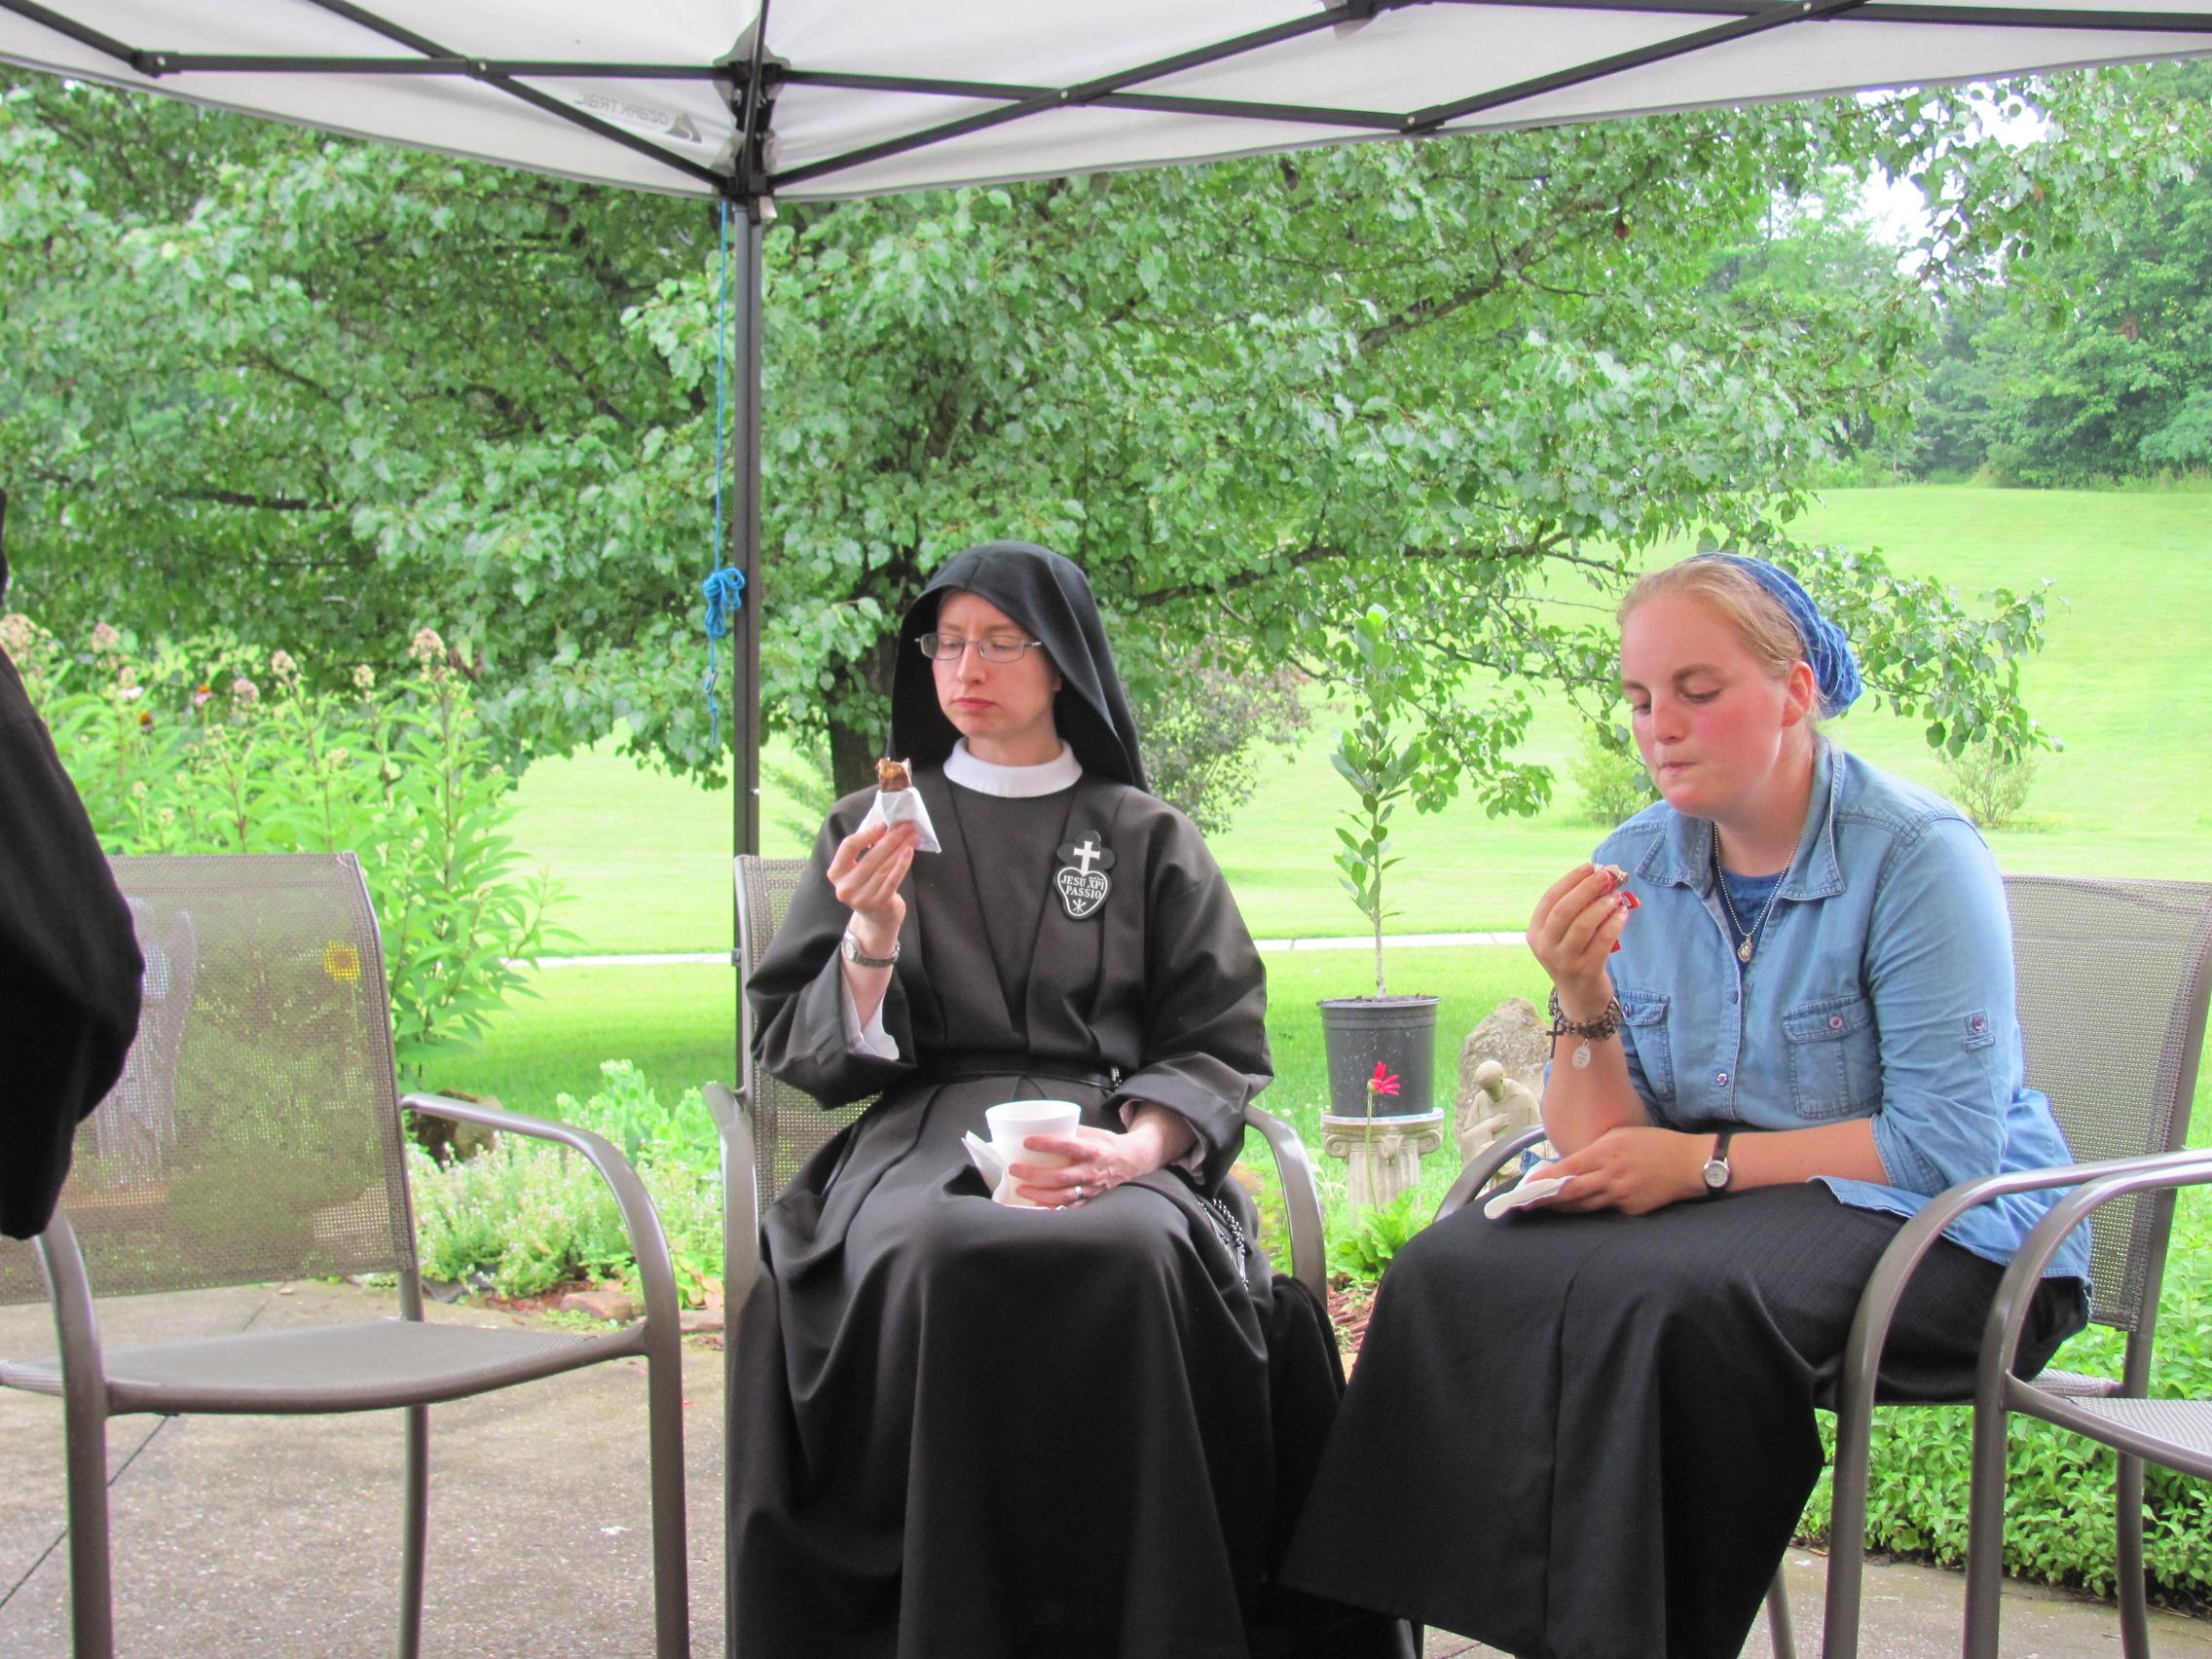 Sr. Cecilia Maria and Abbey deep in ice cream contemplation.